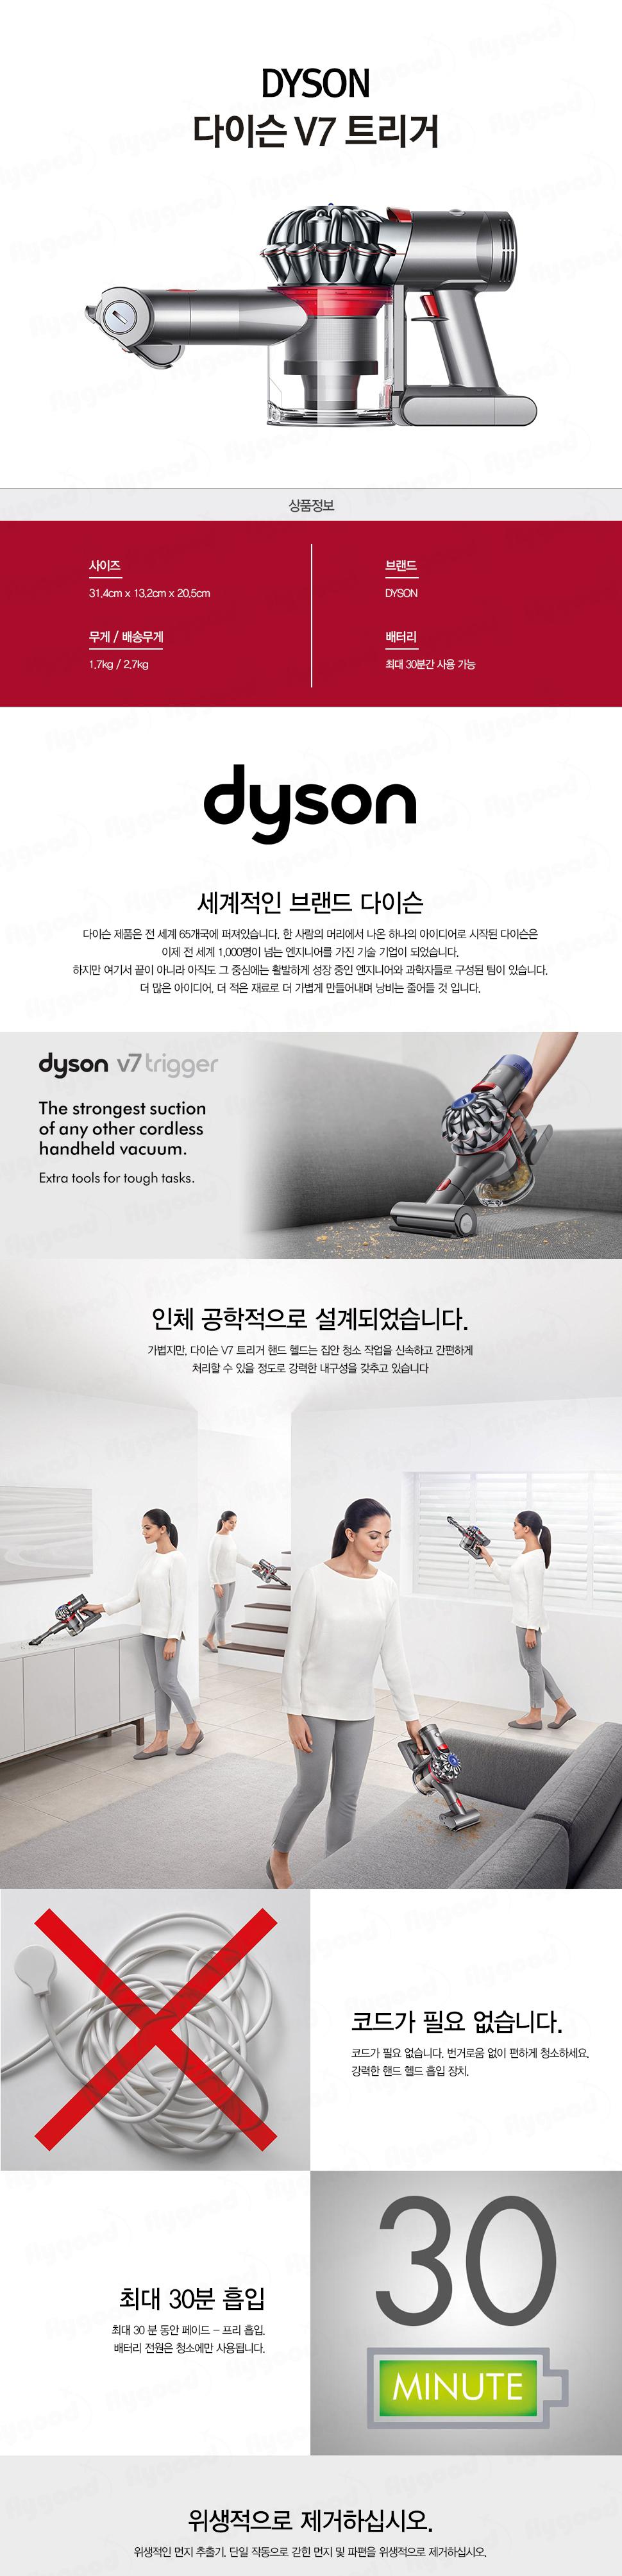 다이슨_V7_Trigger_Cord-Free_Handheld_Vacuum_01.jpg